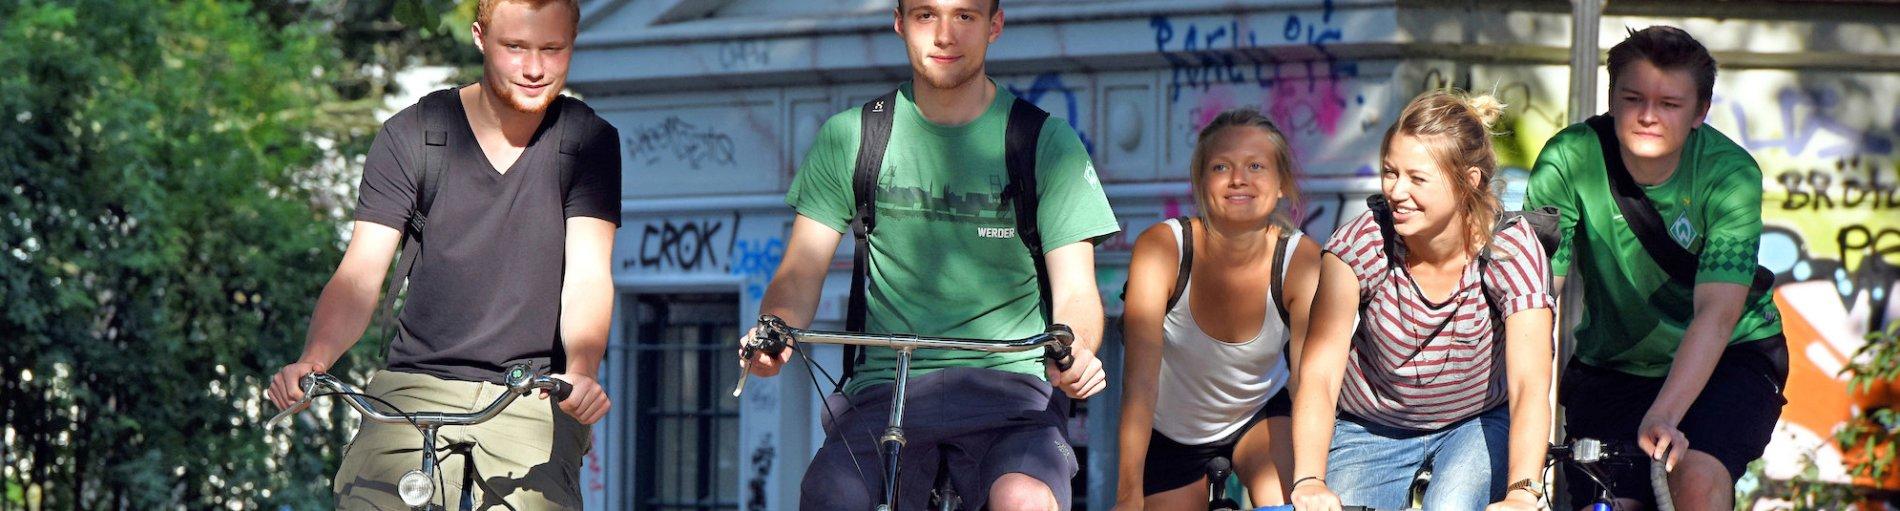 706dd438c2a86a Umweltschonend unterwegs mit dem Fahrrad und zu Fuß